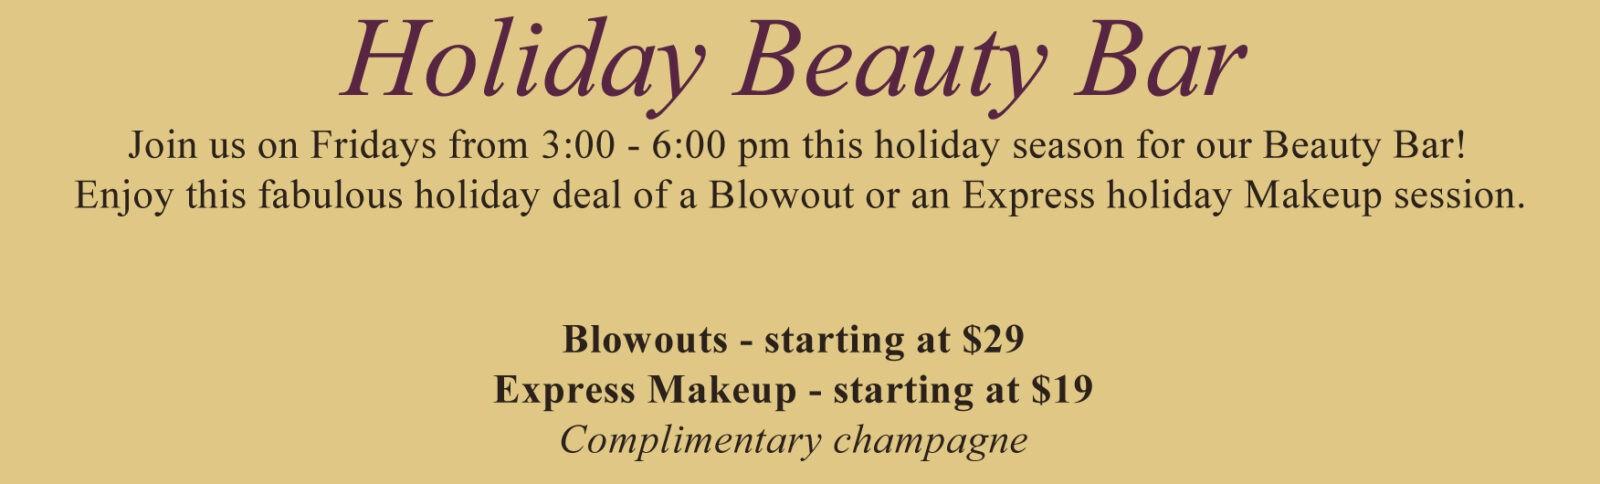 holiday beauty bar